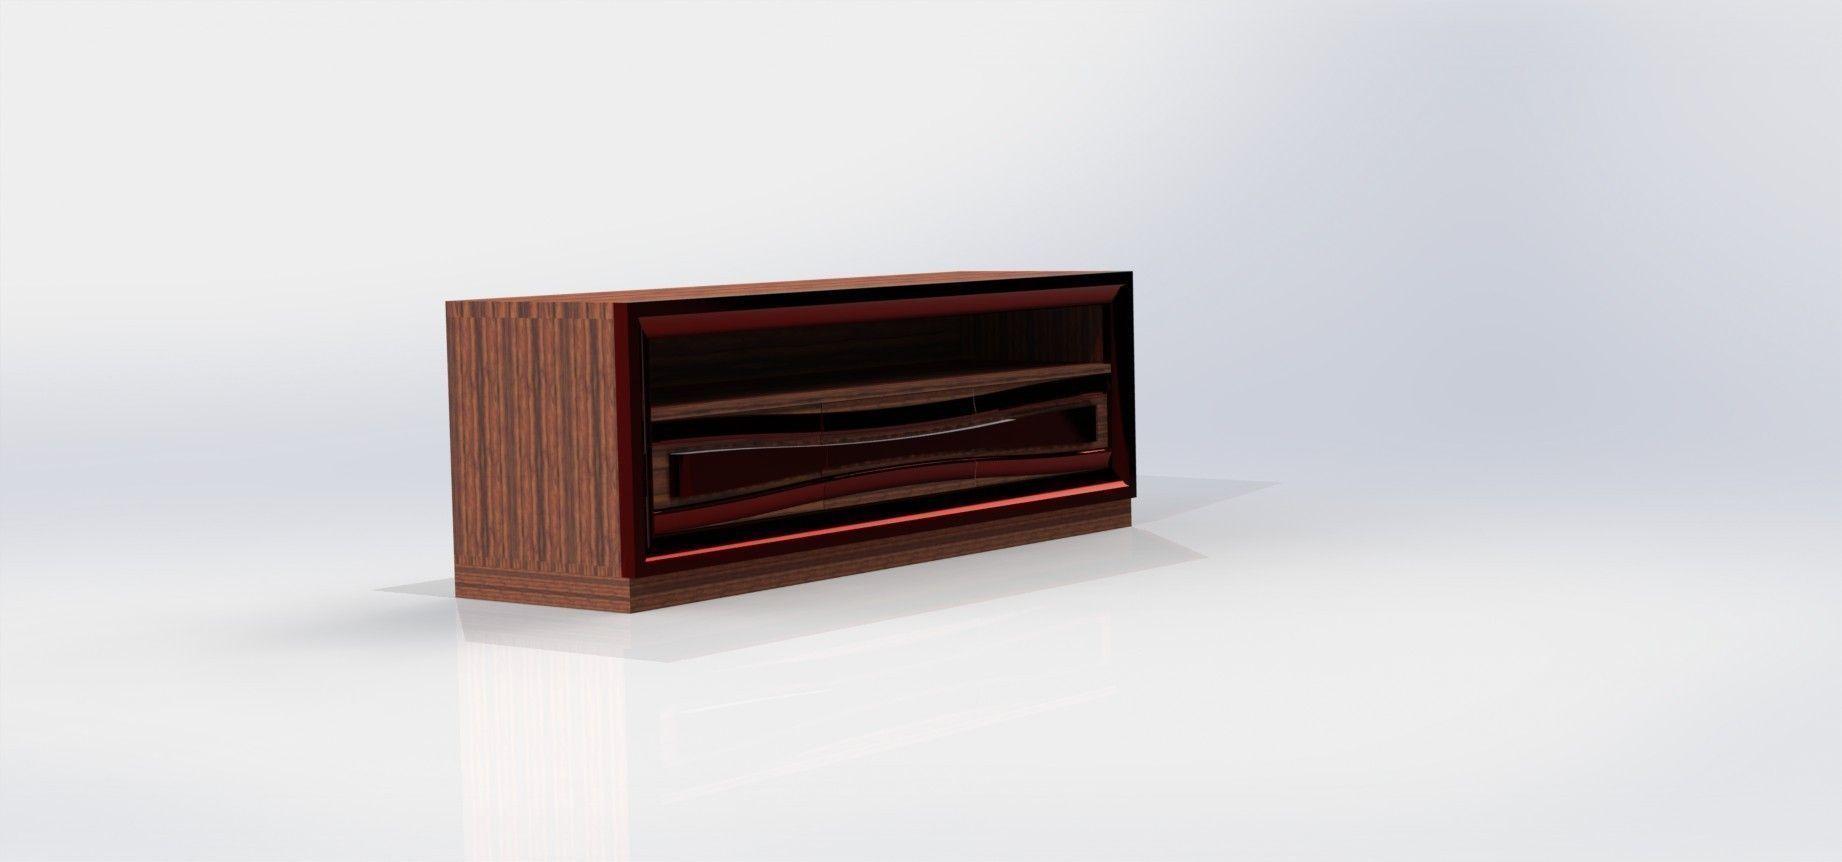 Blickfang Tv Element Sammlung Von 3d Model Stl Dwg Sldprt Sldasm Slddrw